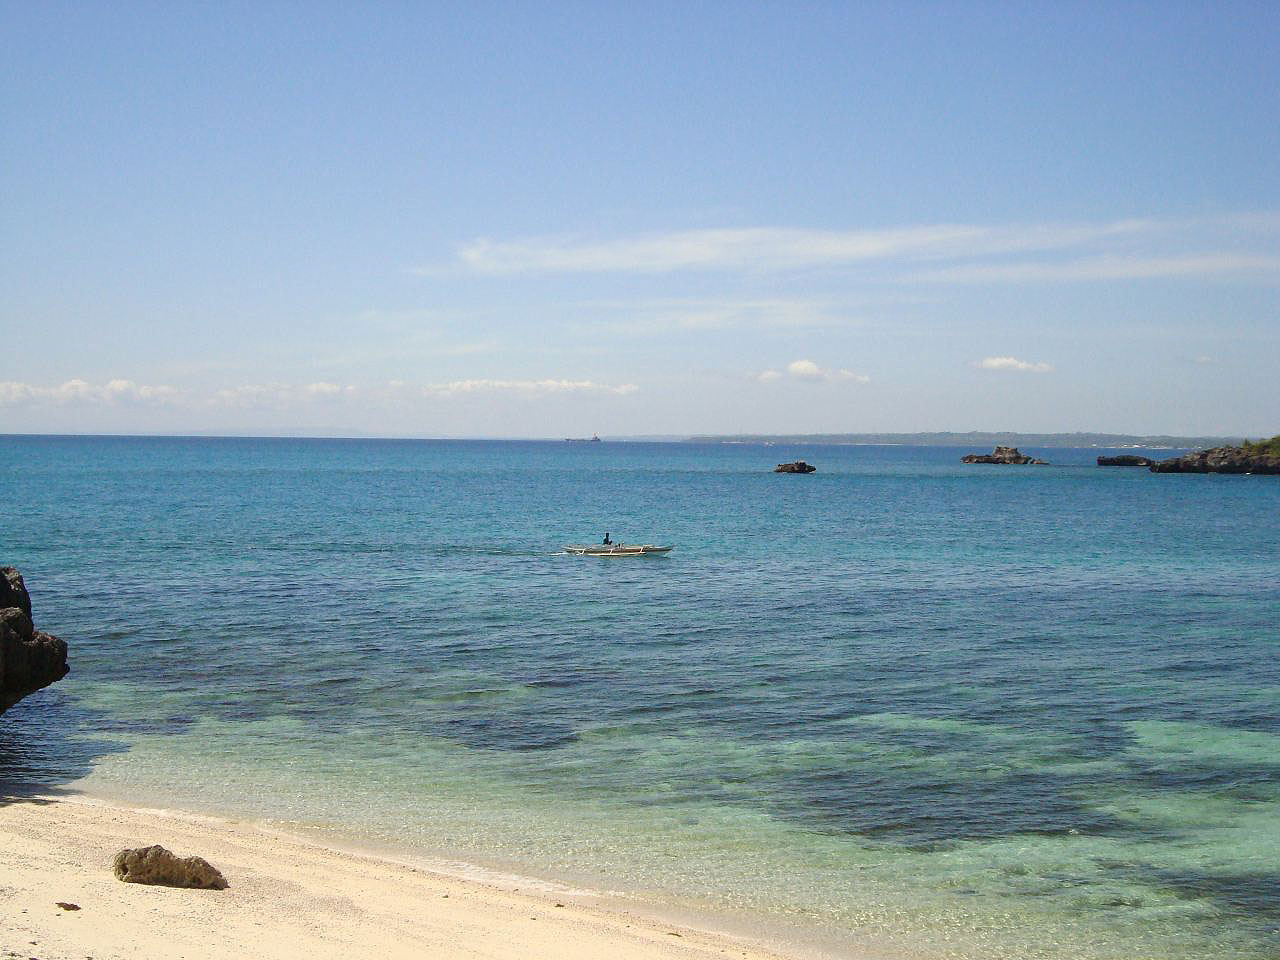 Les plages et îles paradisiaques des Philippines